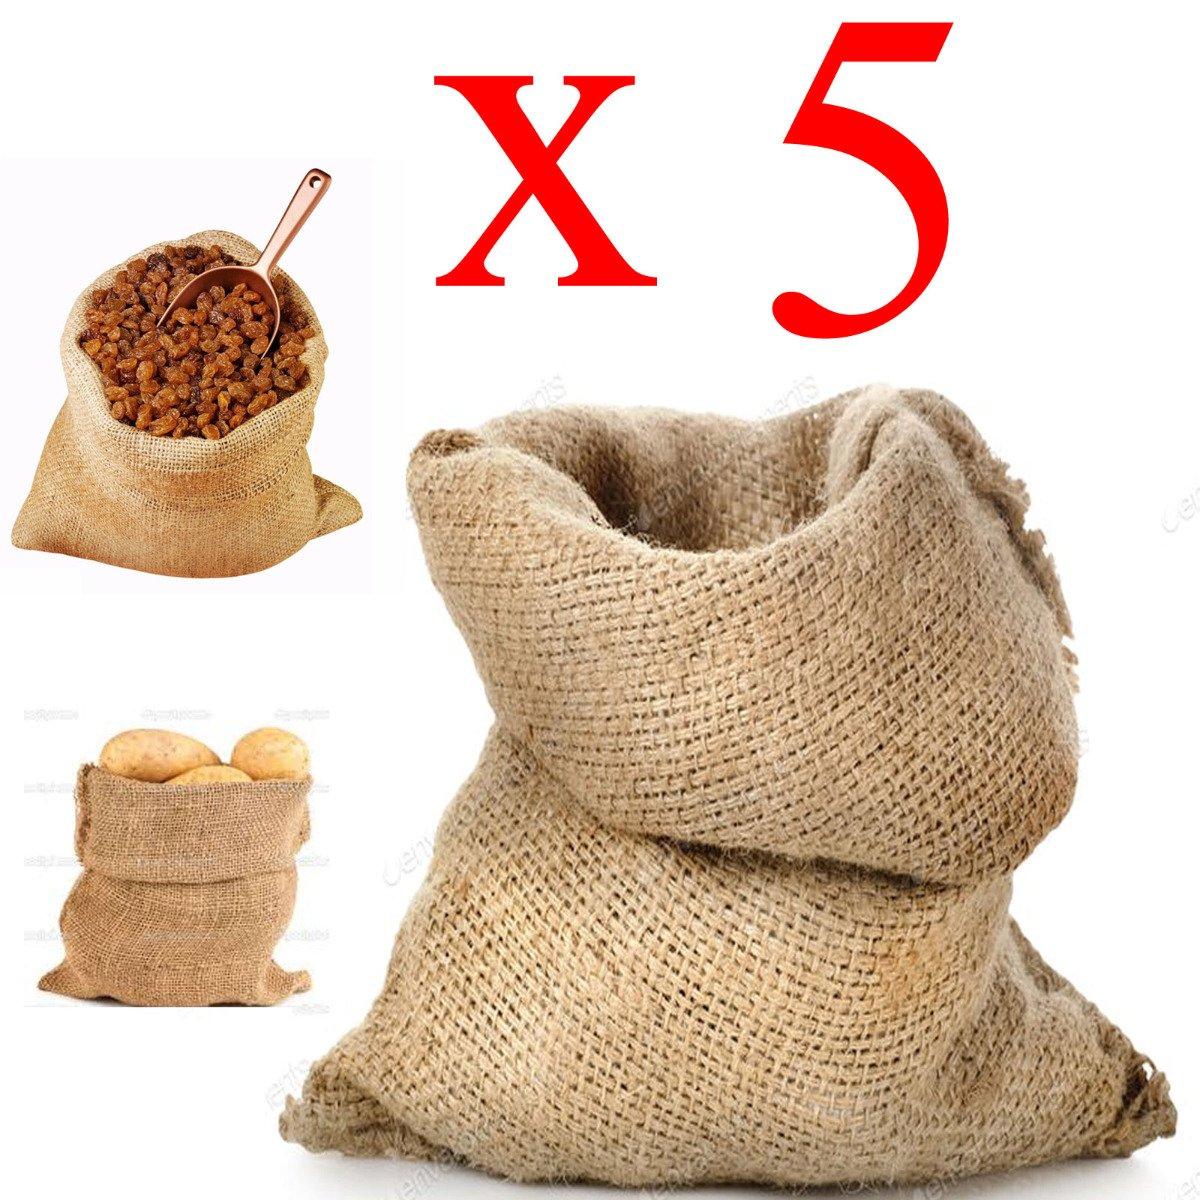 Sacco Juta 40x70 neutro naturale caffè cereali tela yuta regali 5 pezzi STI